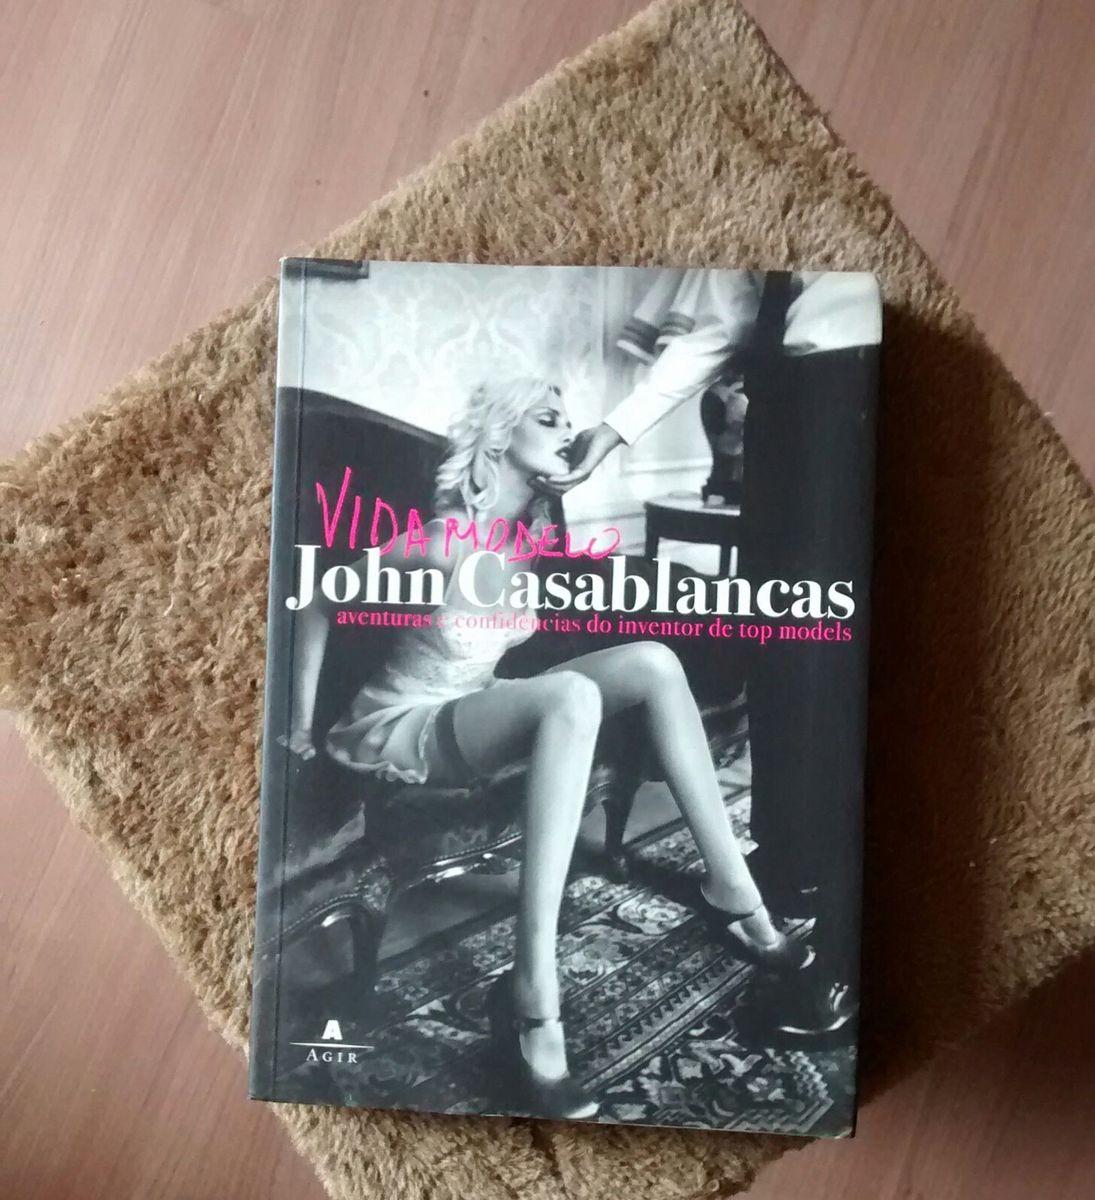 vida modelo by john casablancas - livraria sem marca